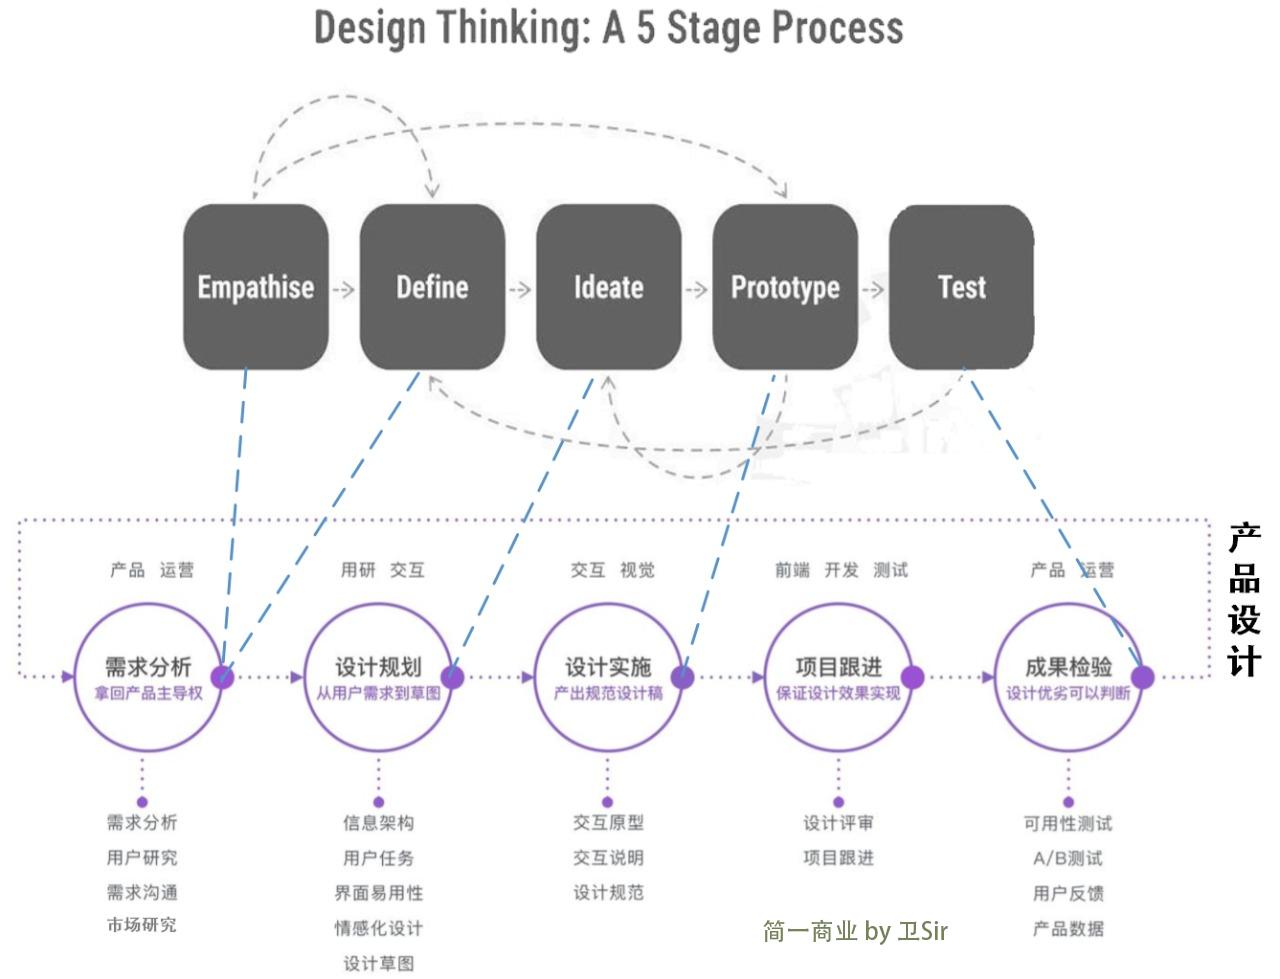 鸟哥笔记,产品设计,简一商业,用户需求,产品思维,用户需求,产品